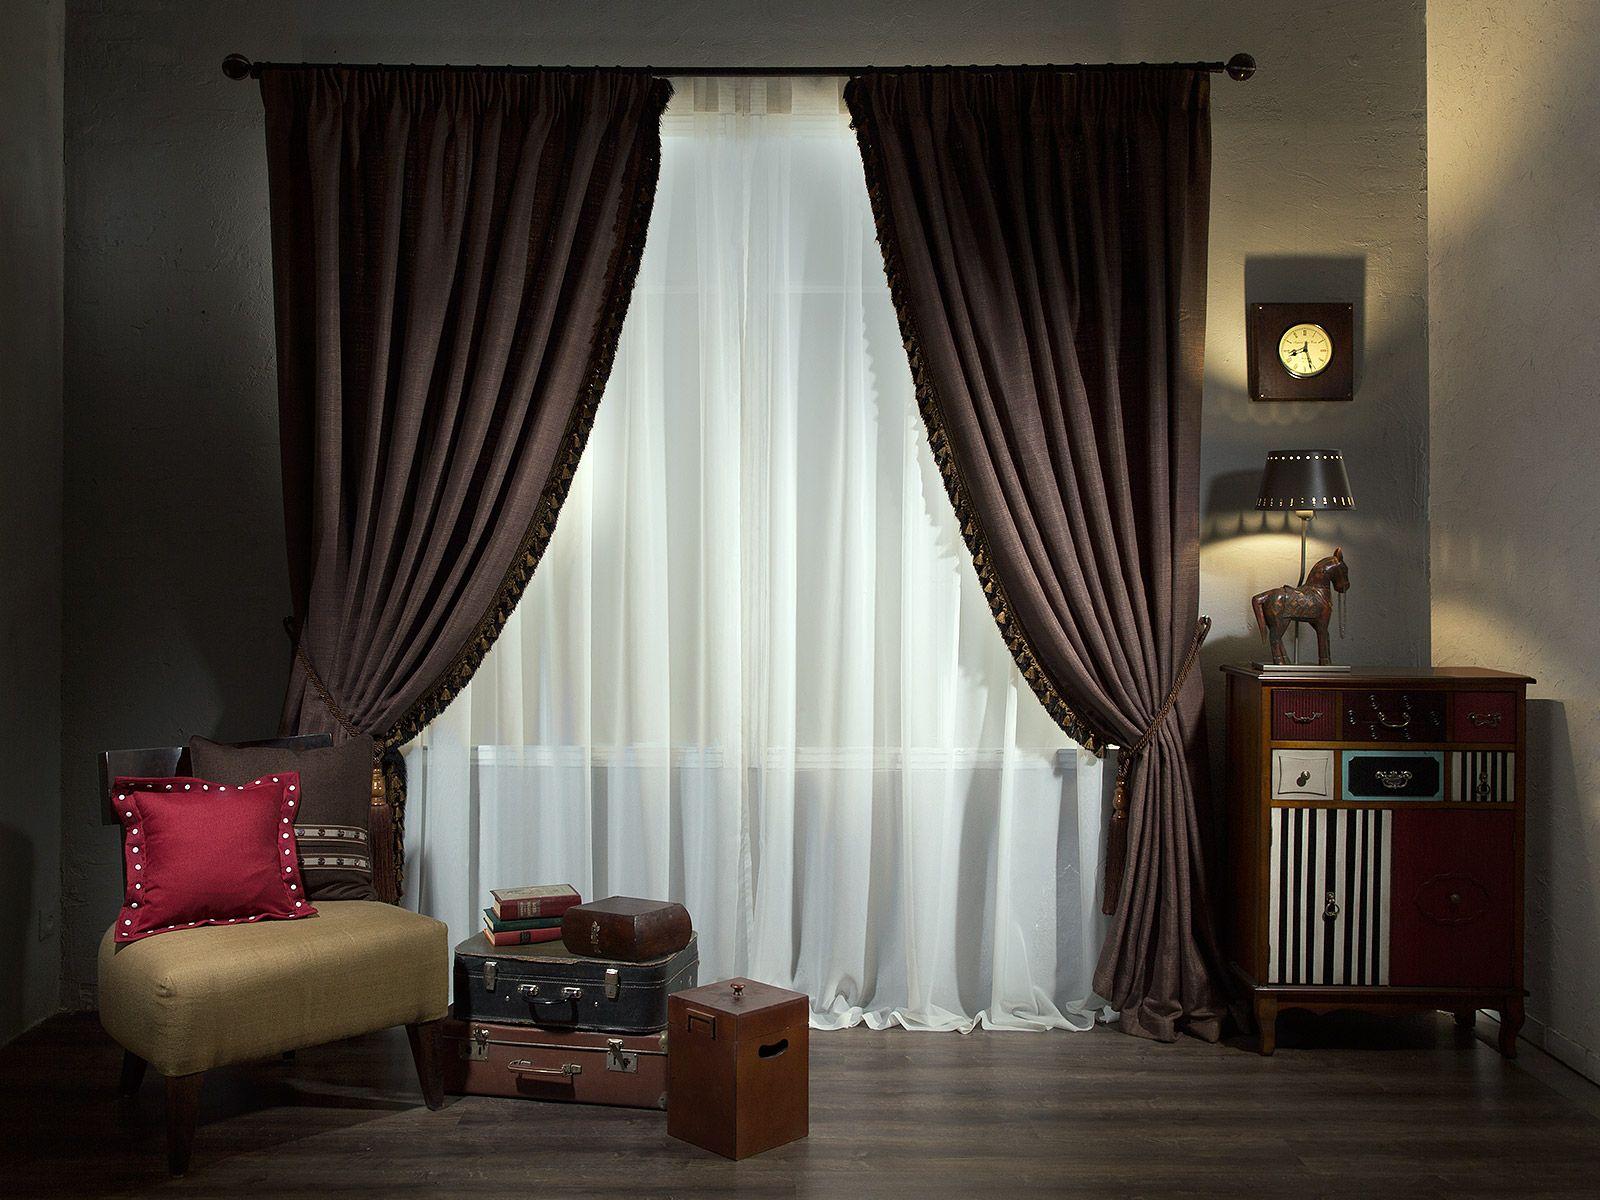 шторы под мебель венге фото генеральный план города